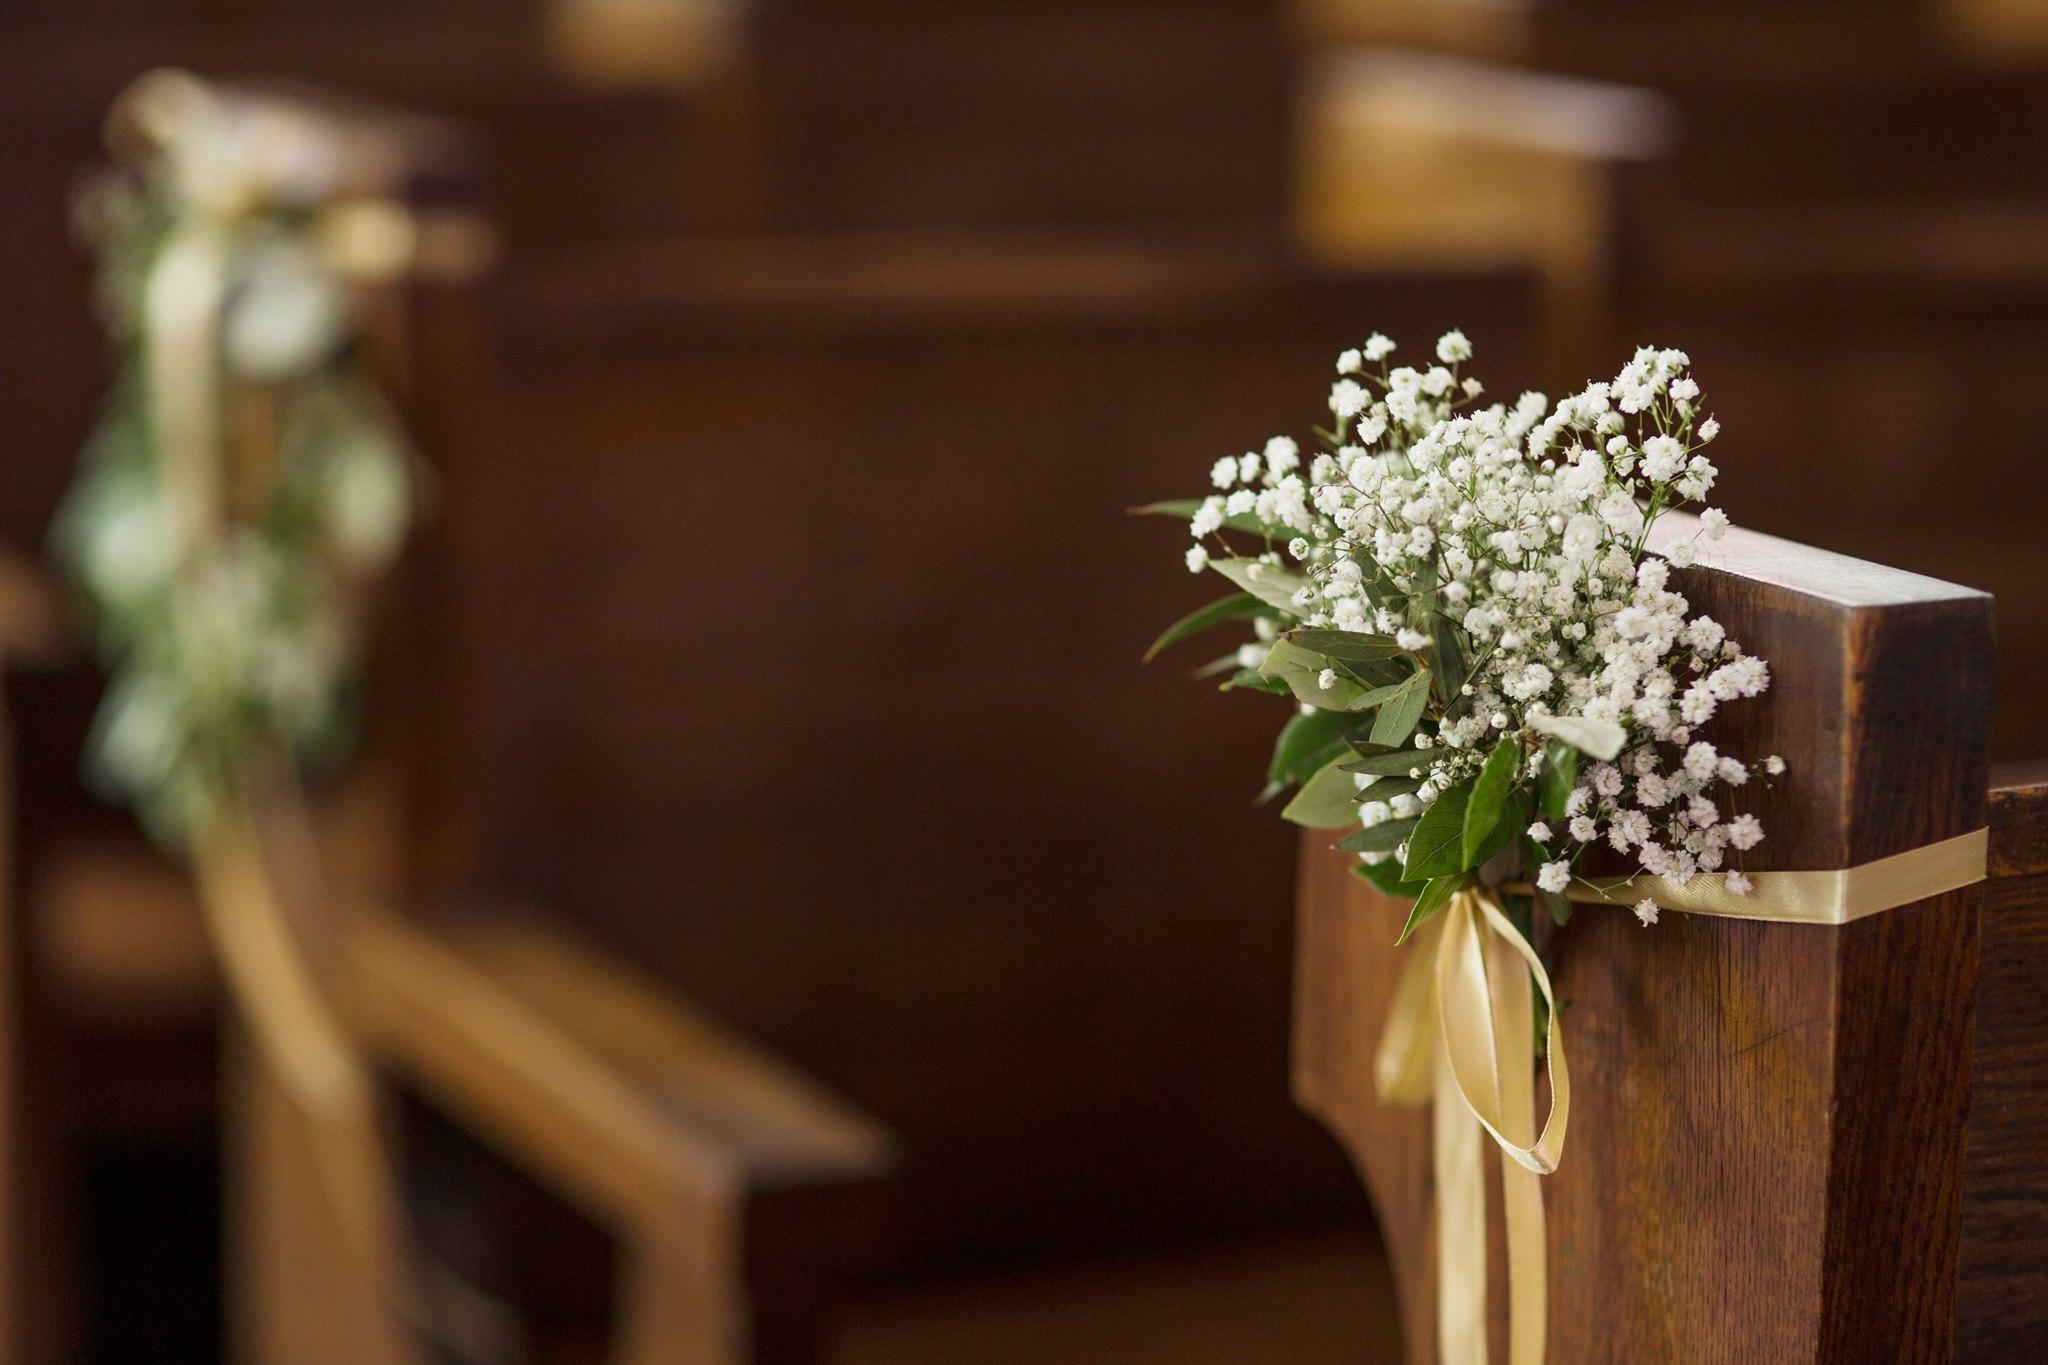 dekorka.com aktowice oprawa florytsyczna dekoracje na wesele katowice